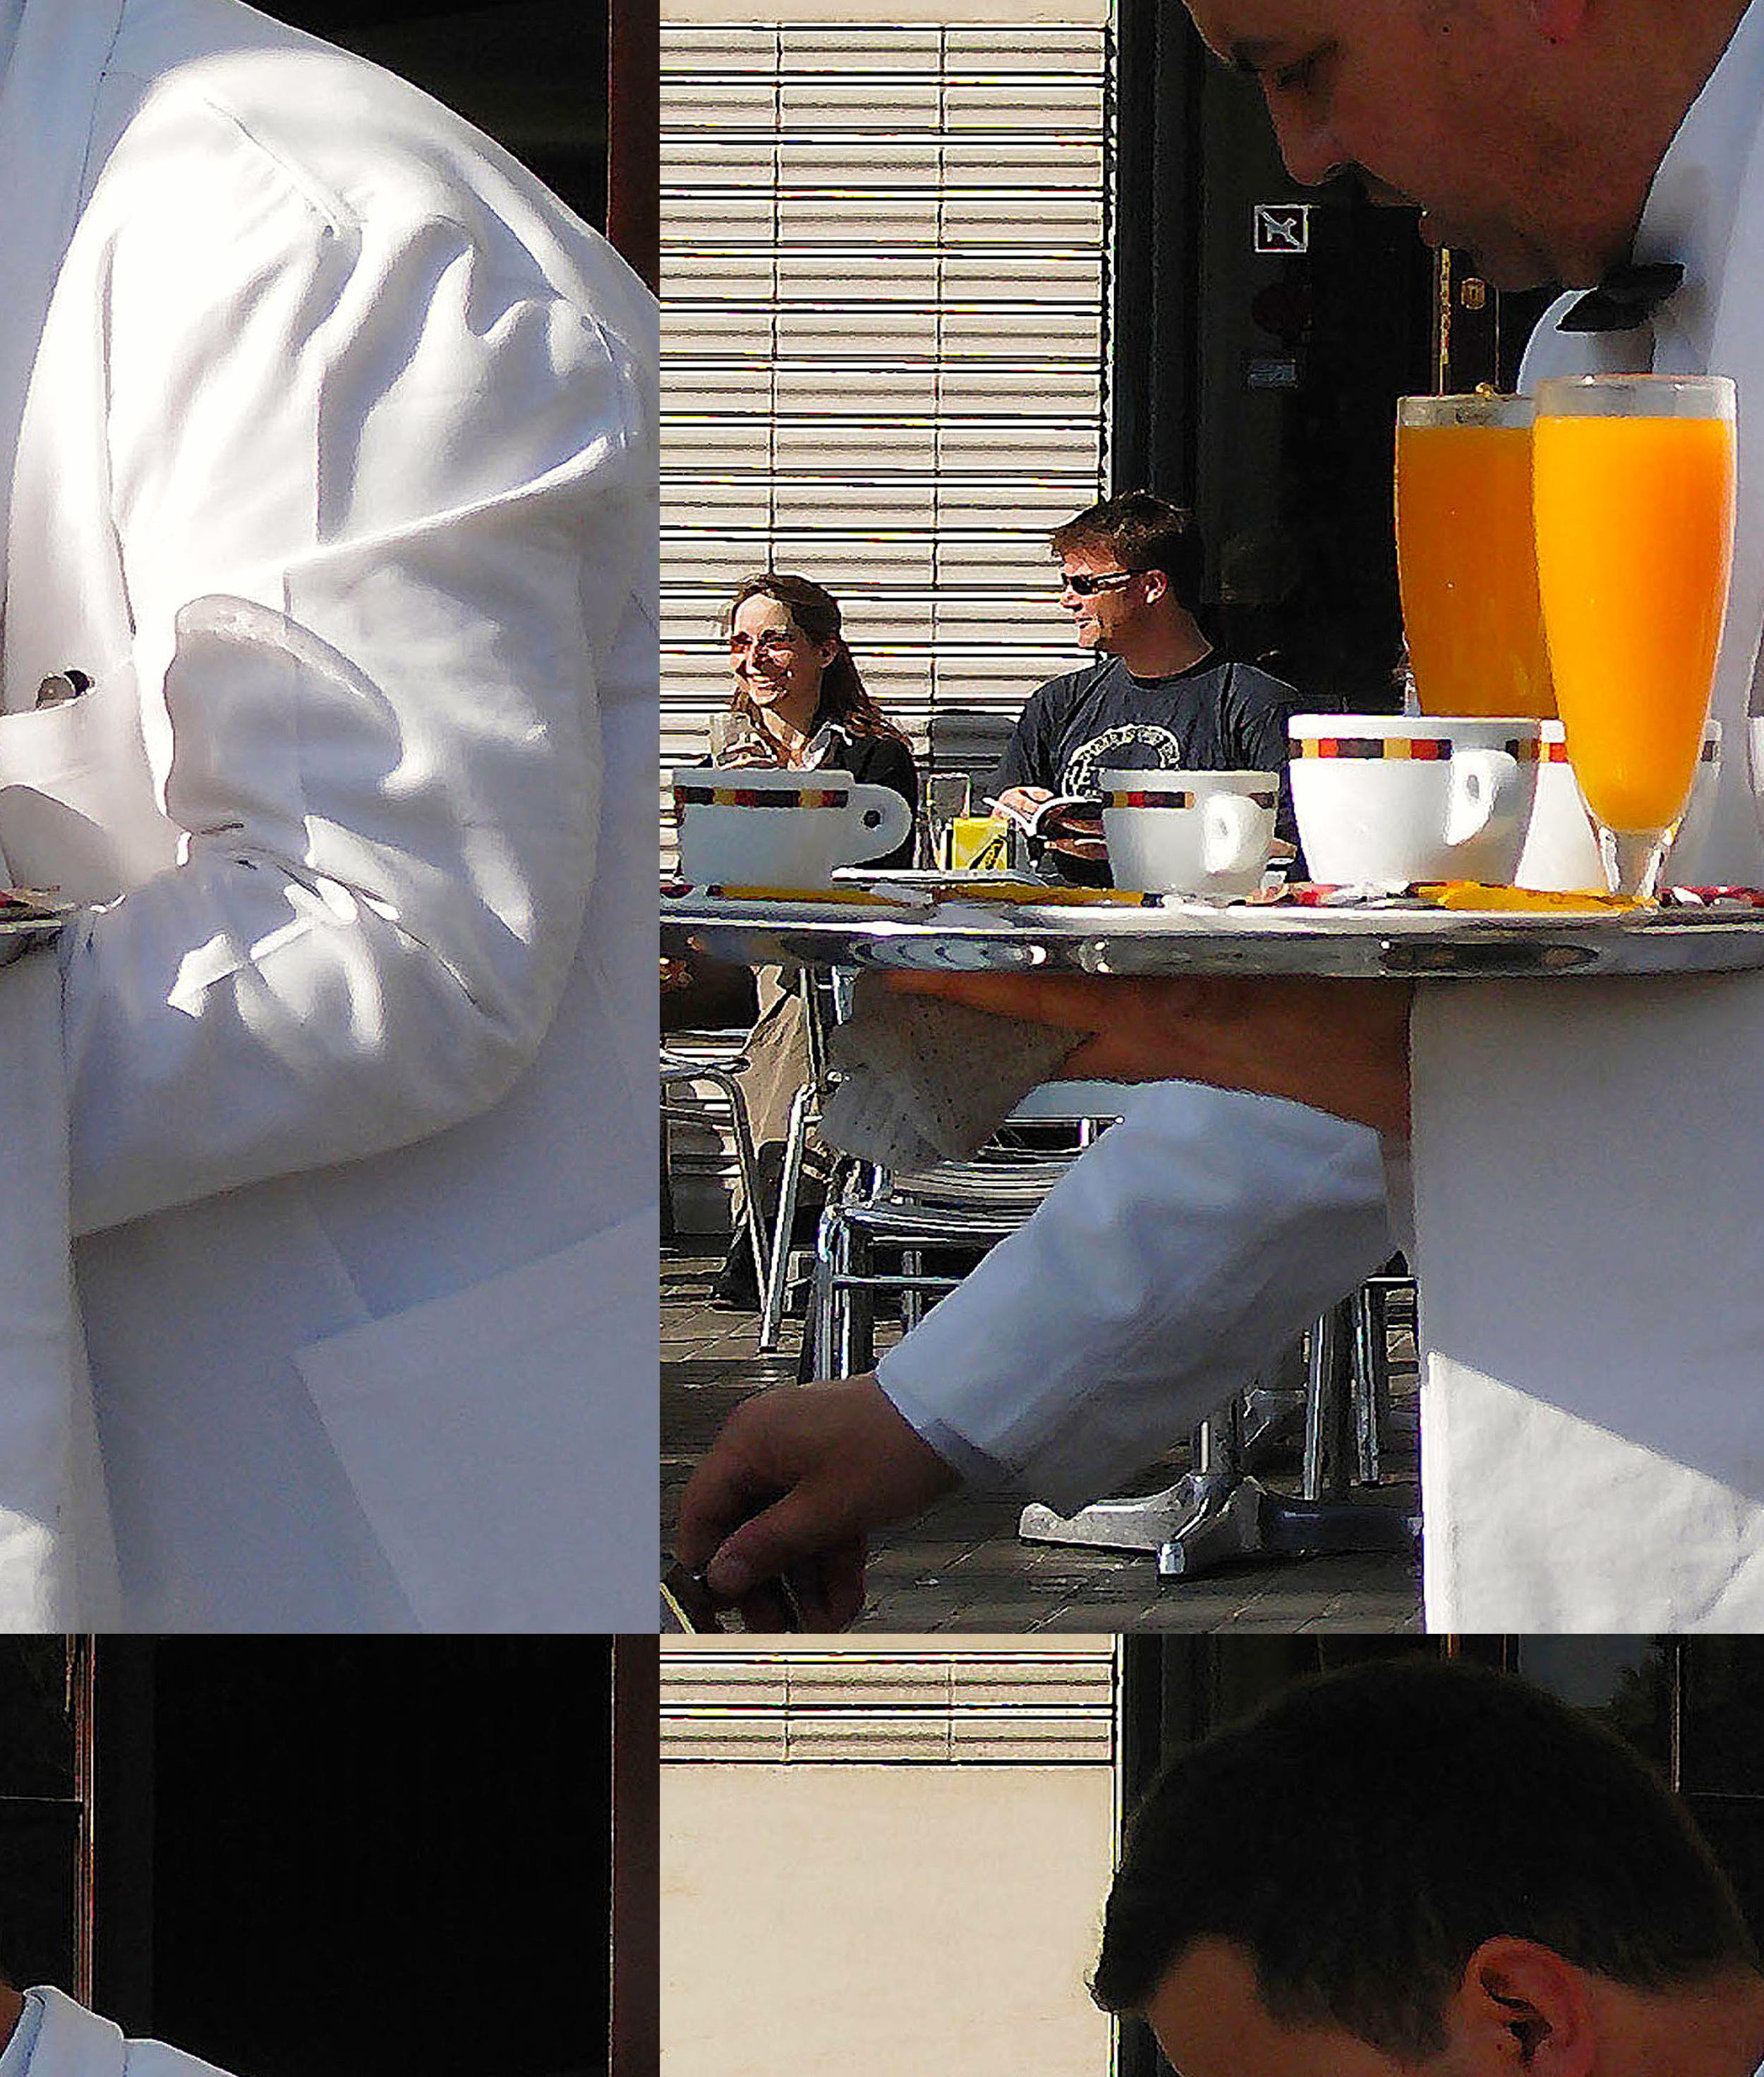 waiter5.jpg